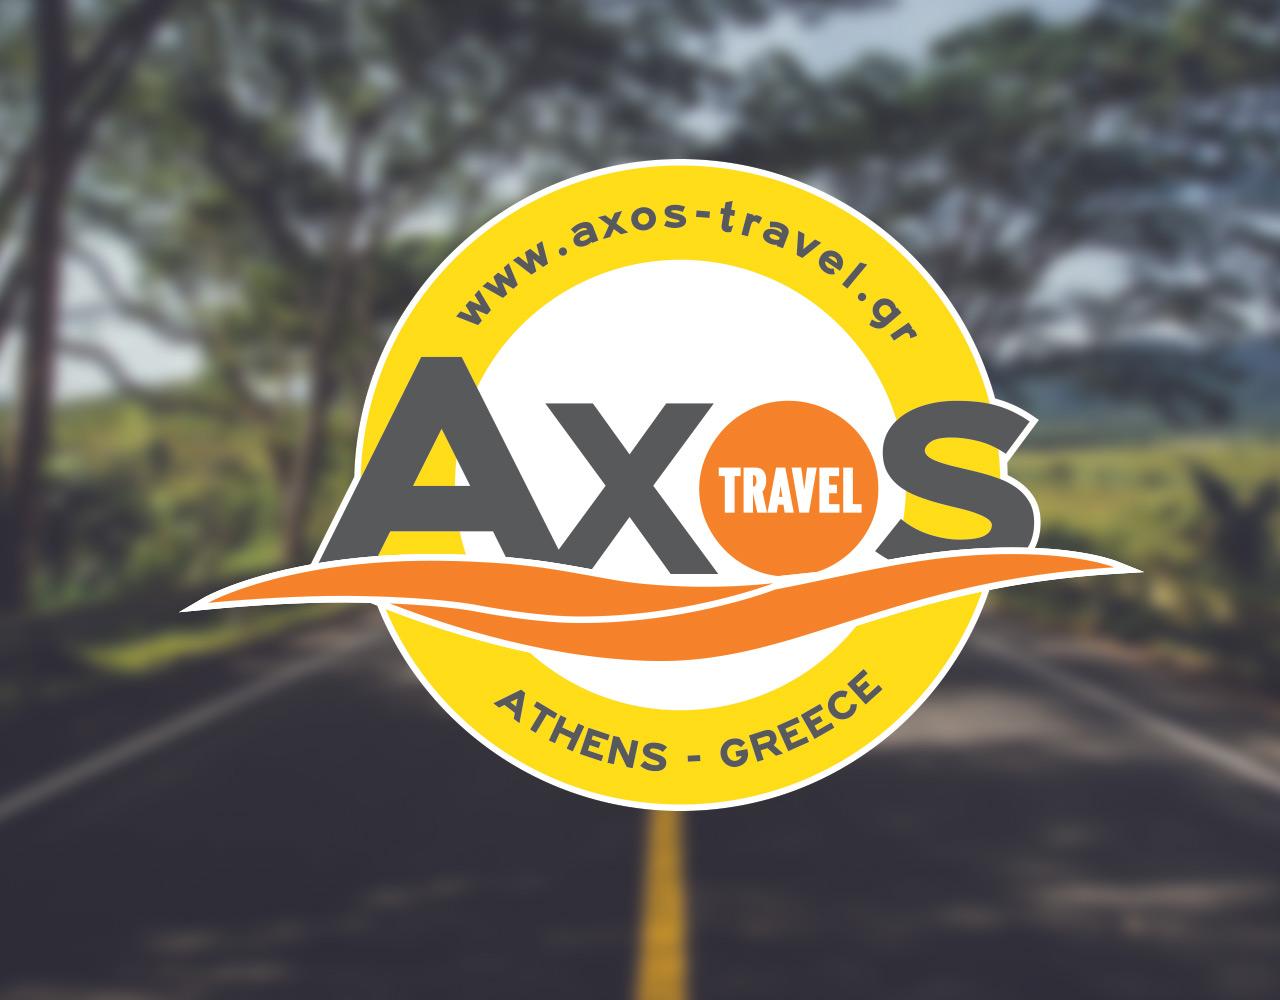 Axos Travel ενοικίαση τουριστικών λεωφορείων, τουριστικό γραφείο σχεδιασμός λογοτύπου